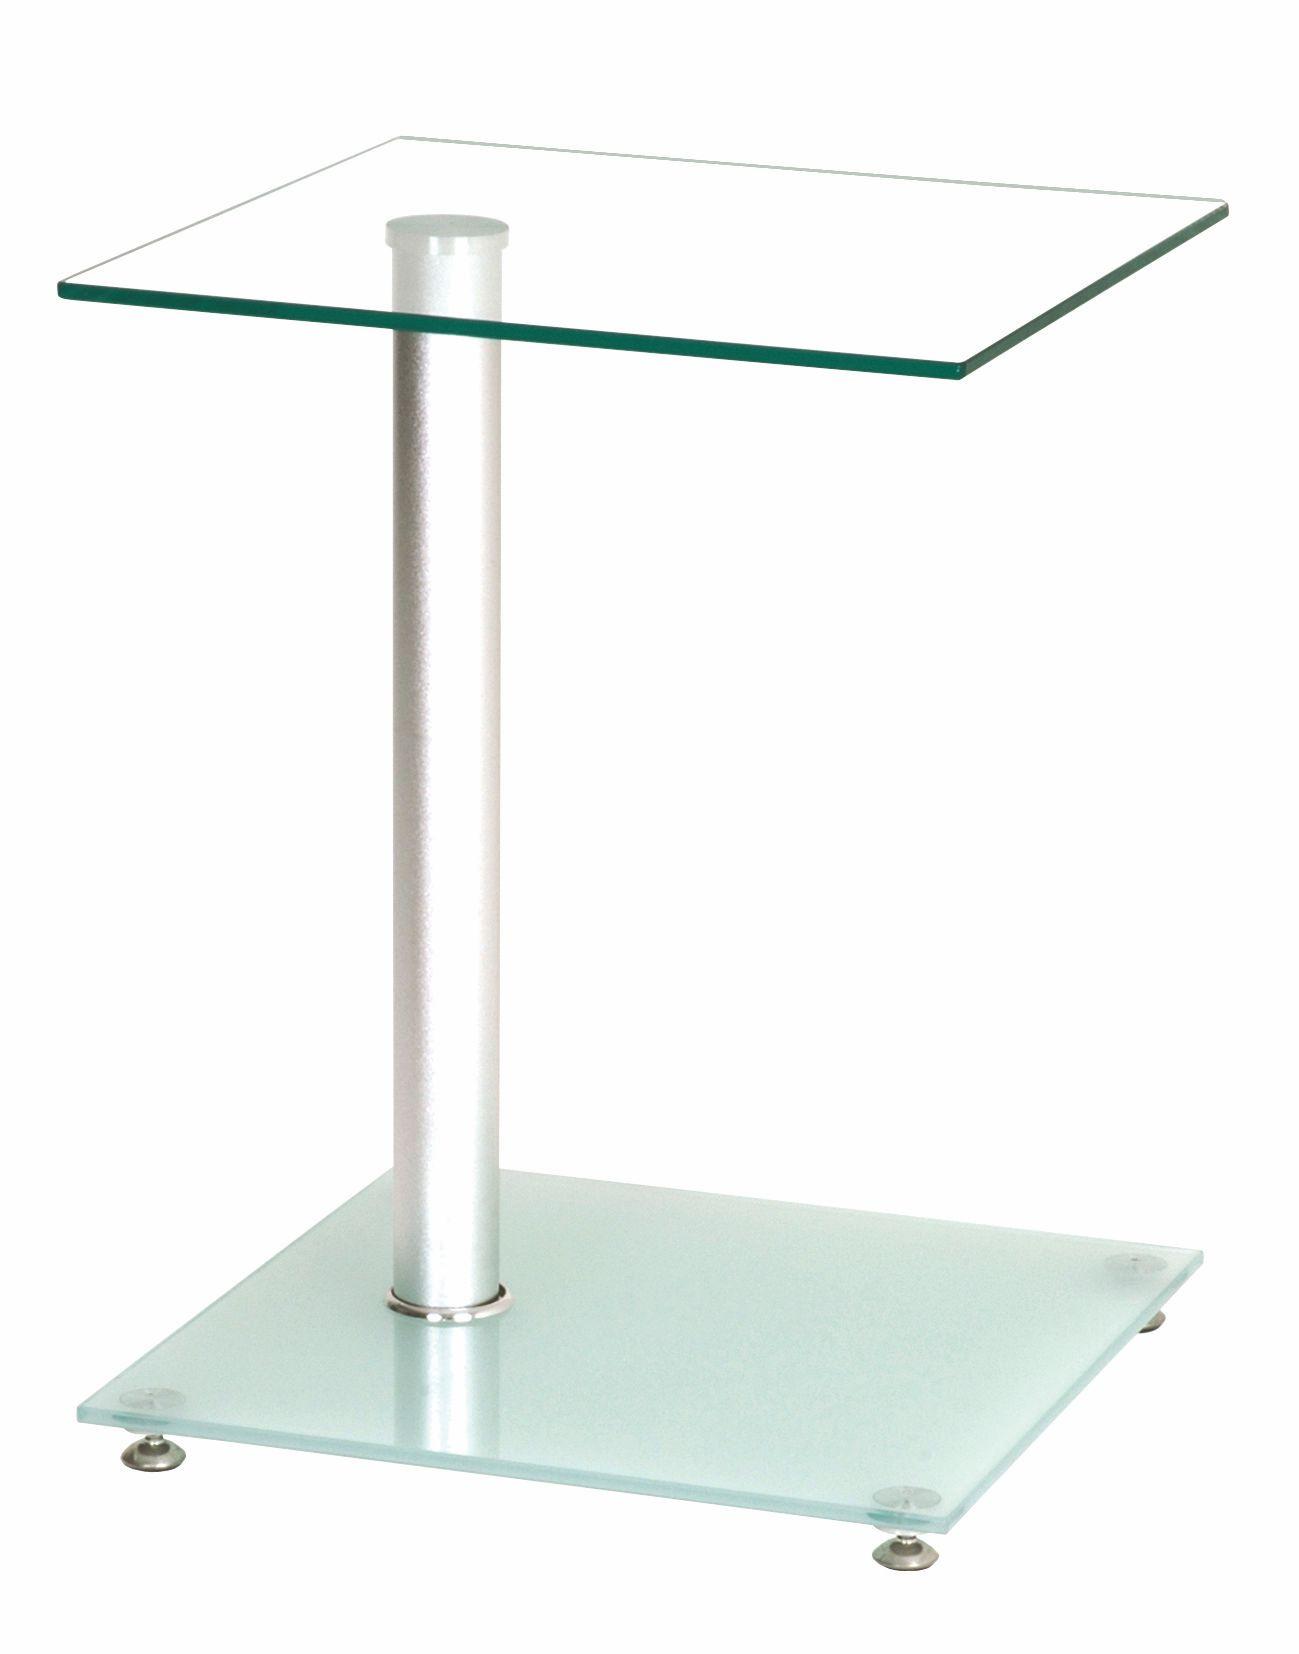 Beistelltische Modern beistelltisch milch klarglas woody 191 00087 silber modern jetzt